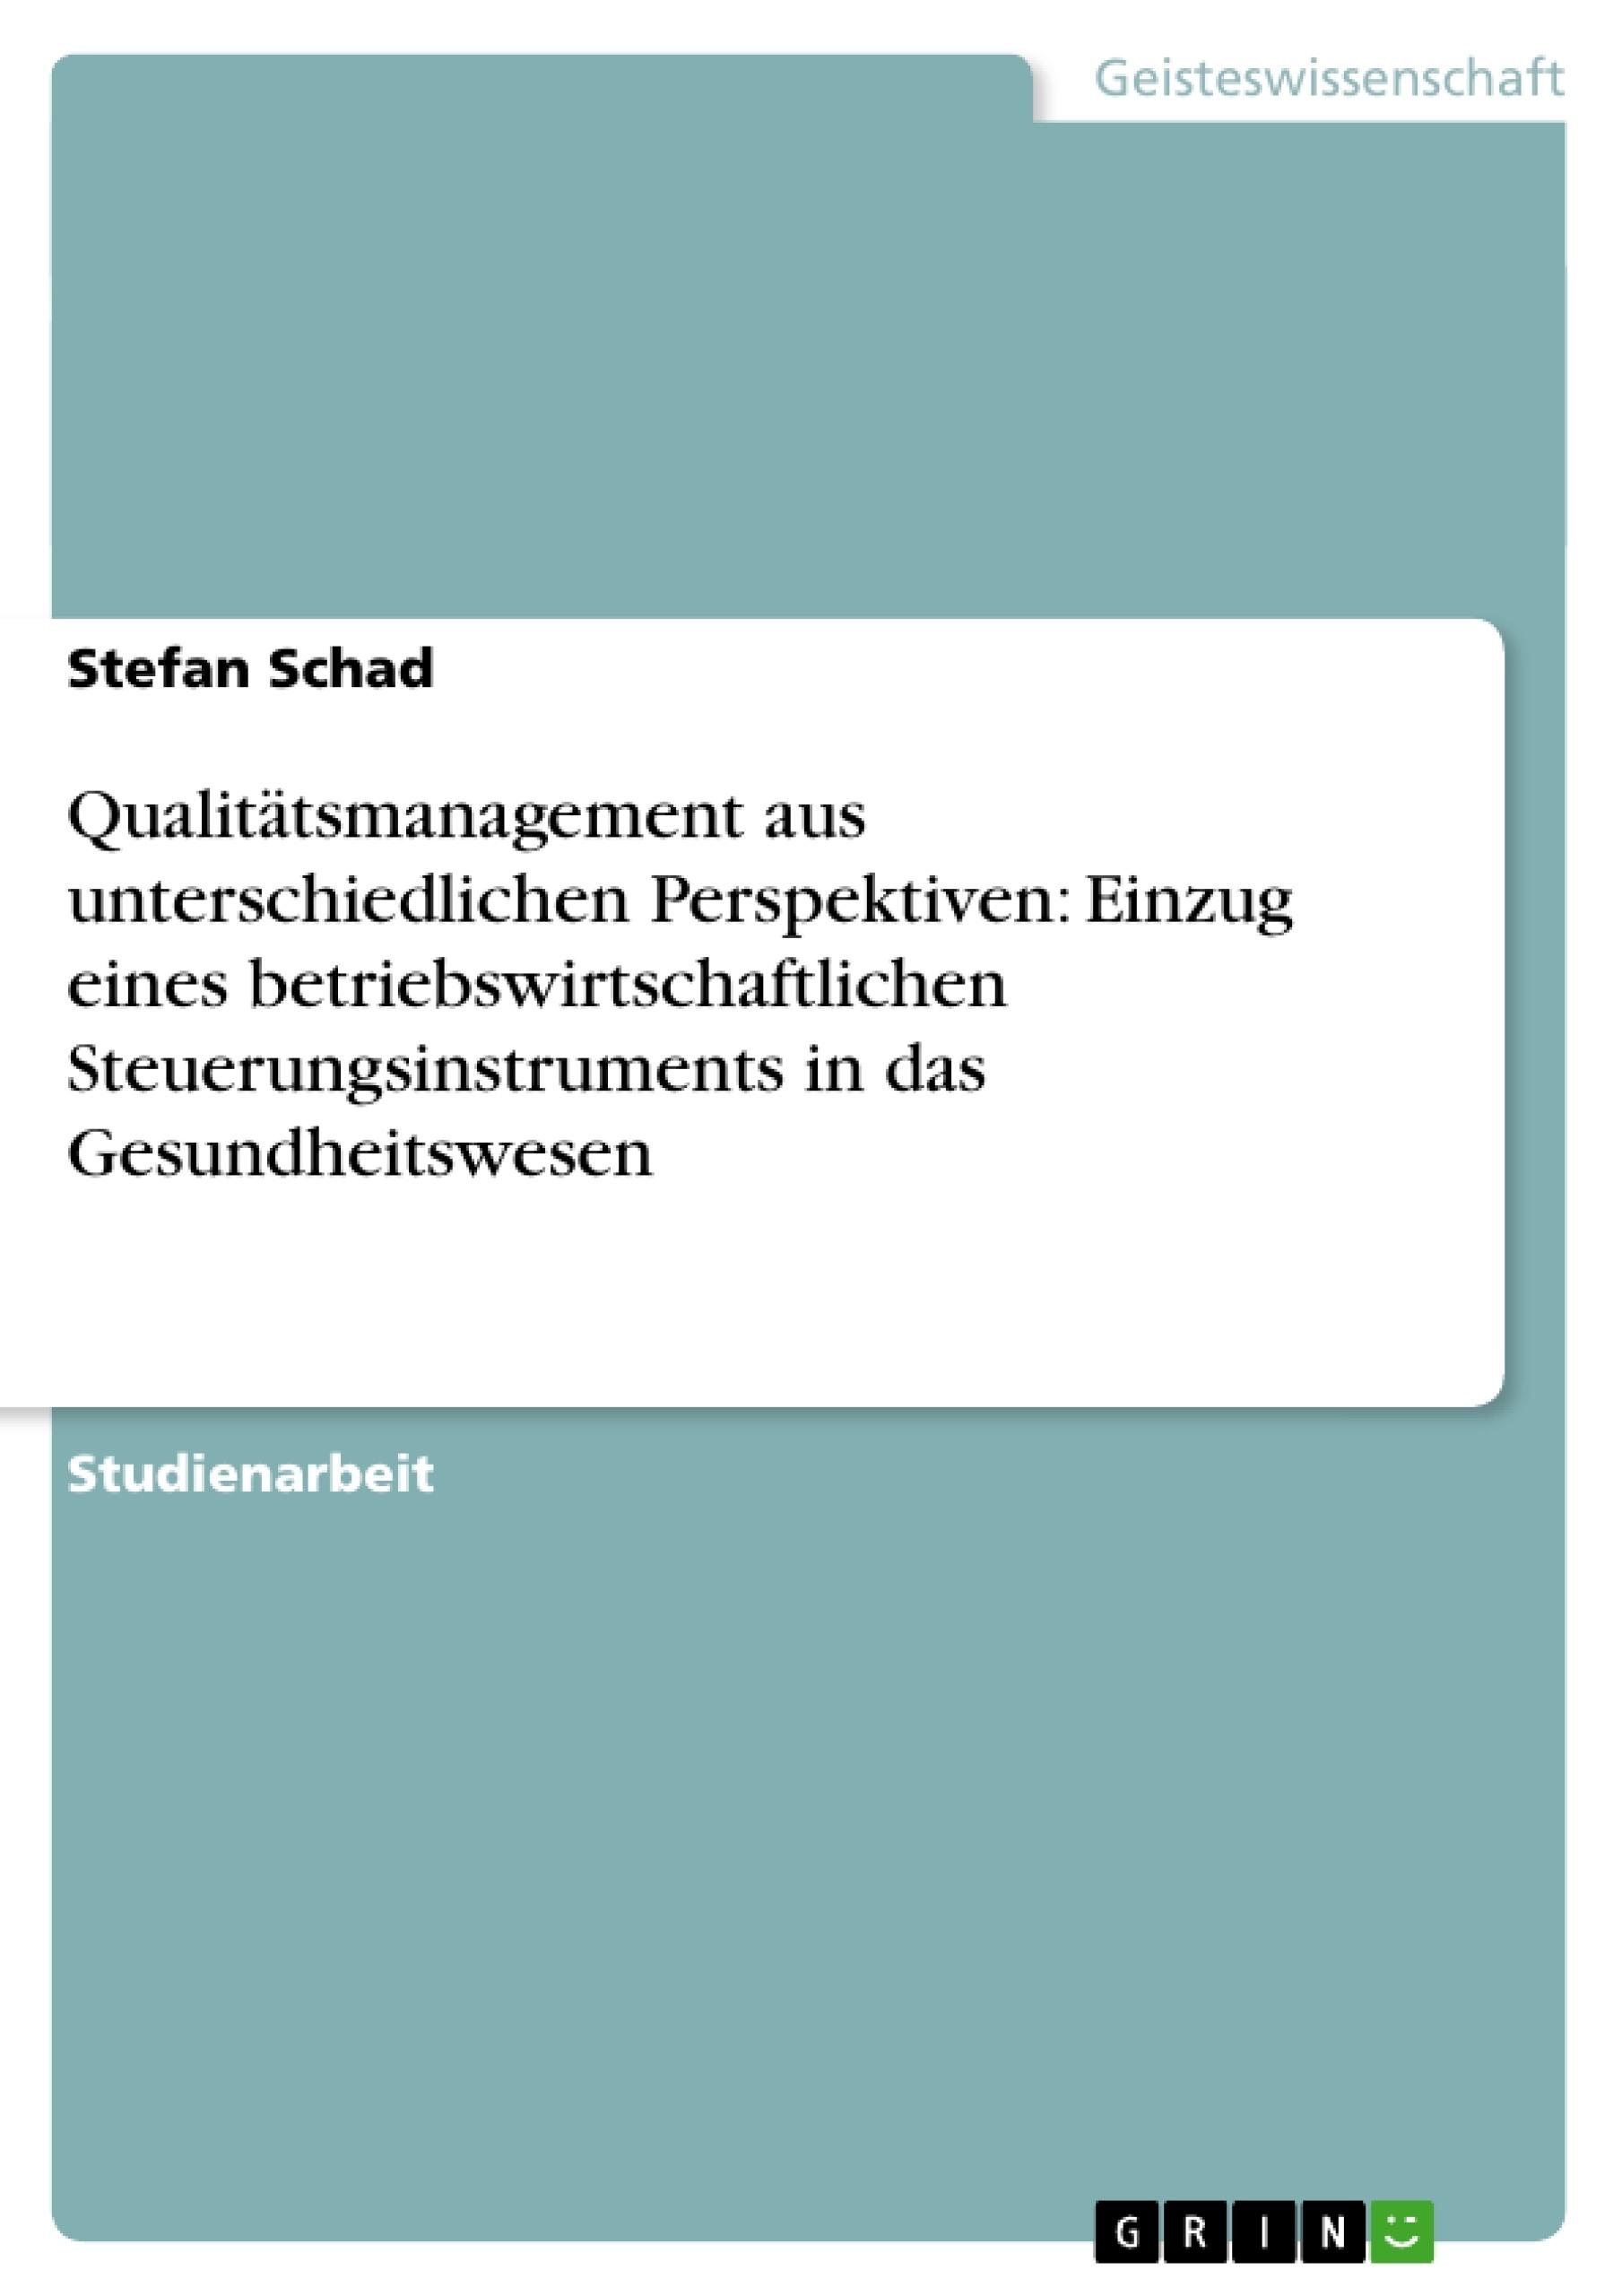 Titel: Qualitätsmanagement aus unterschiedlichen Perspektiven: Einzug eines betriebswirtschaftlichen Steuerungsinstruments in das Gesundheitswesen